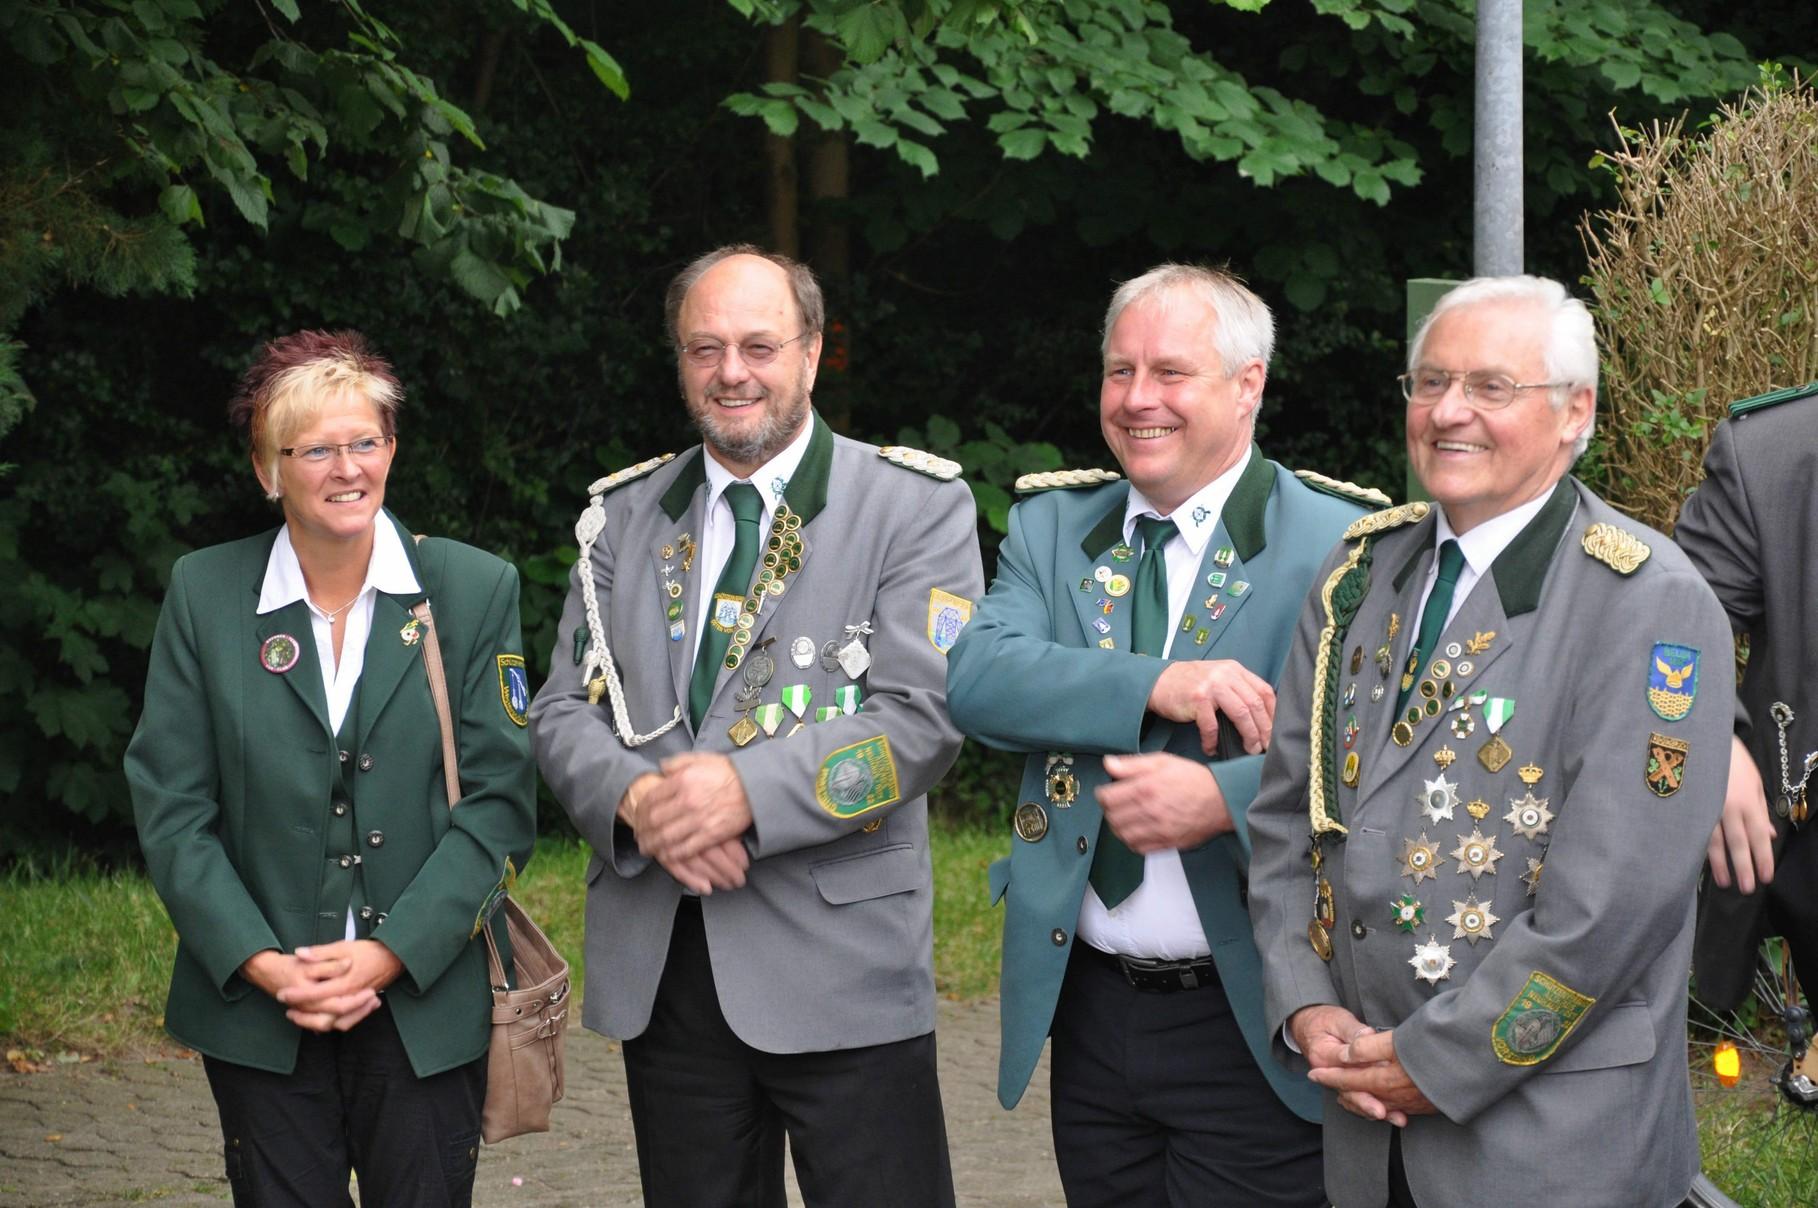 Die Anwesenden Vorstandsmitglieder des Kreisverbndes